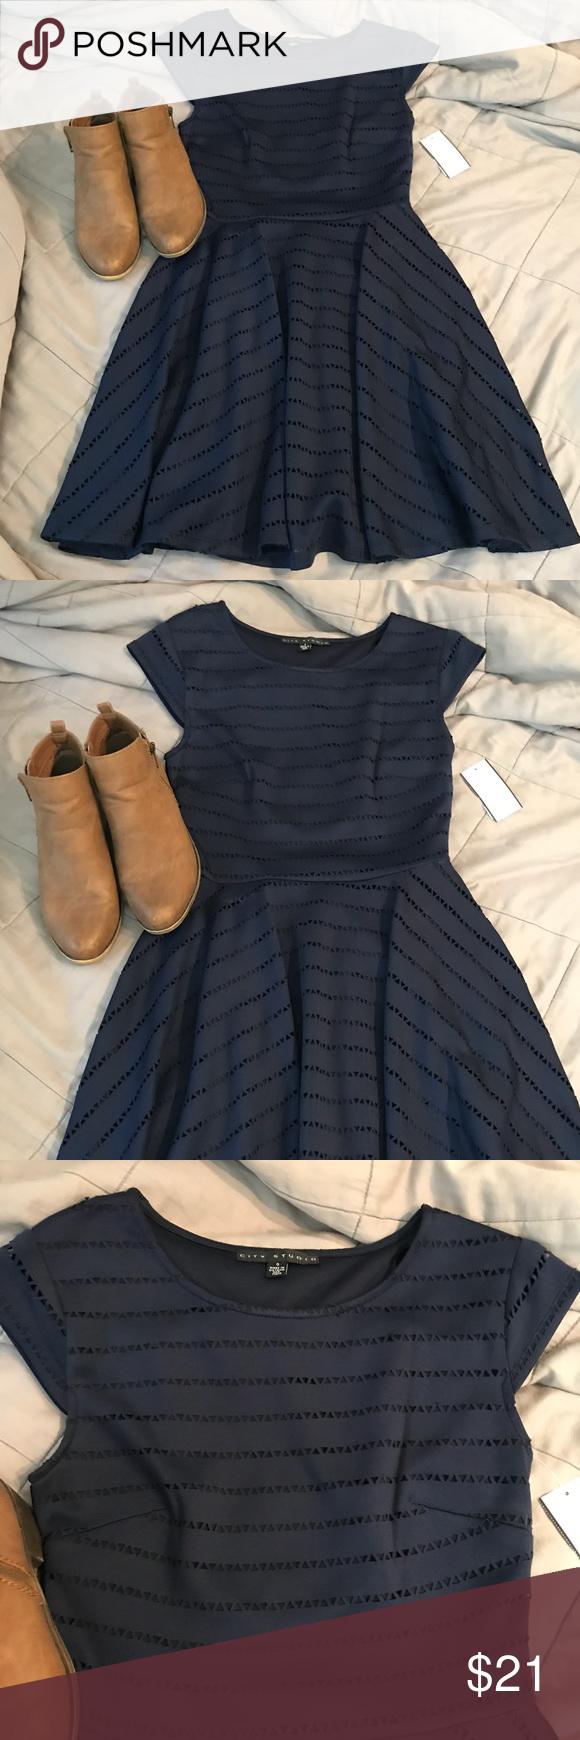 661d70e93a6 💙 Navy Blue Dress 💙 Brand new from Macy s! Never been worn. City ...